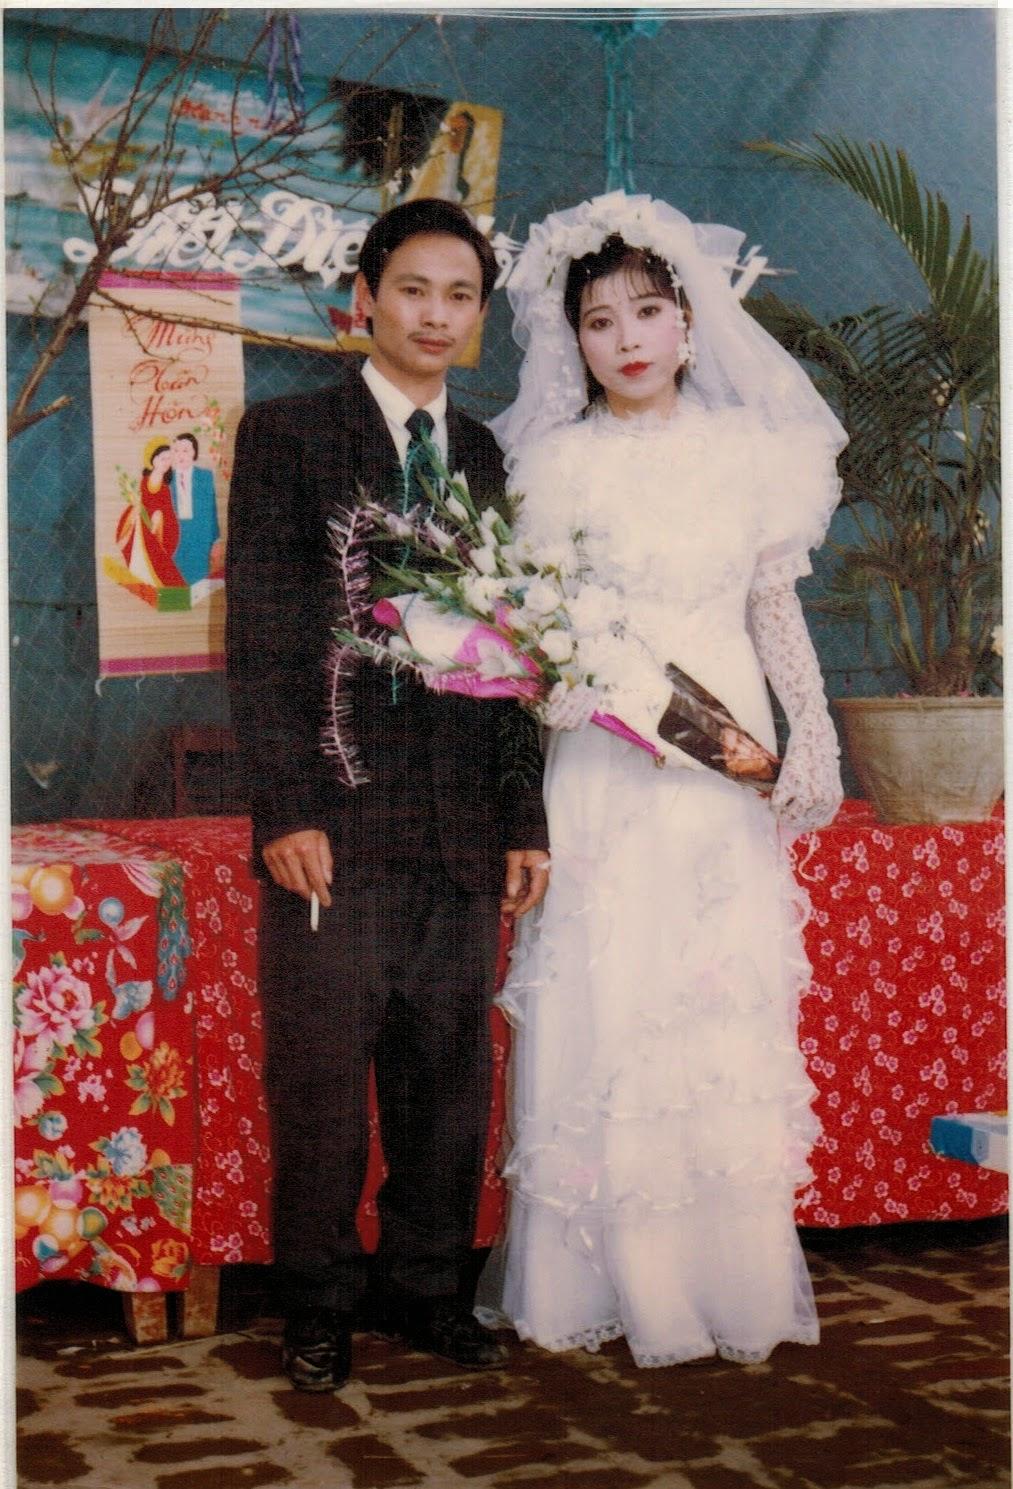 Được nghe bố mẹ kể: Năm 1994, bố mẹ tôi cưới nhau, khi tuổi còn trẻ, cuộc sống còn khó khăn lắm. Ông bà nội ngoại hai bên đều rất nghèo, ...